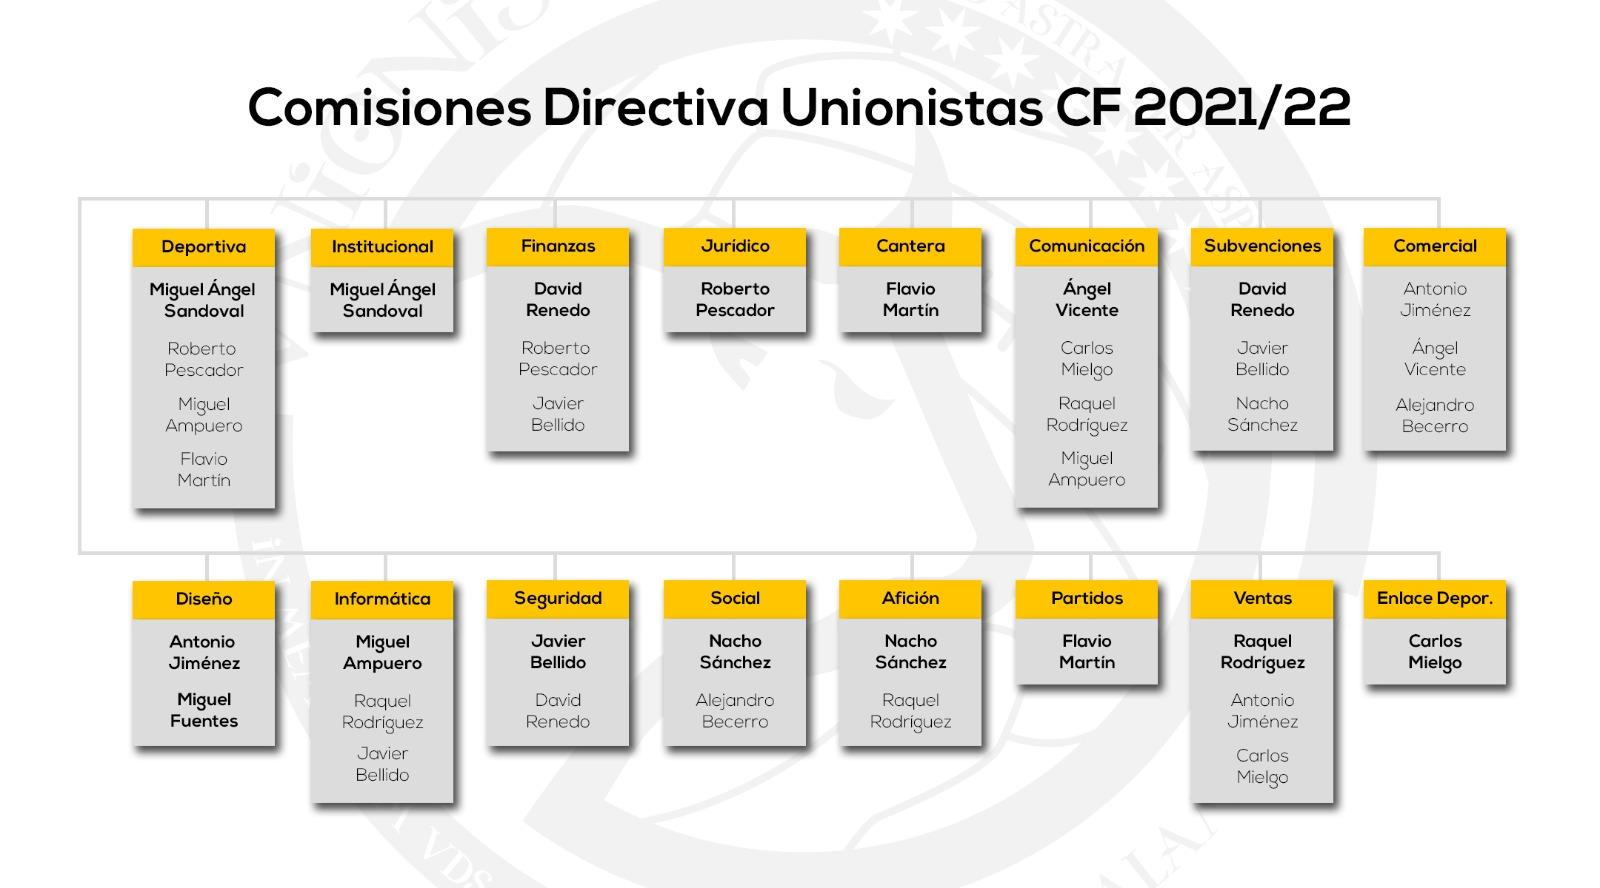 Directiva Unionistas